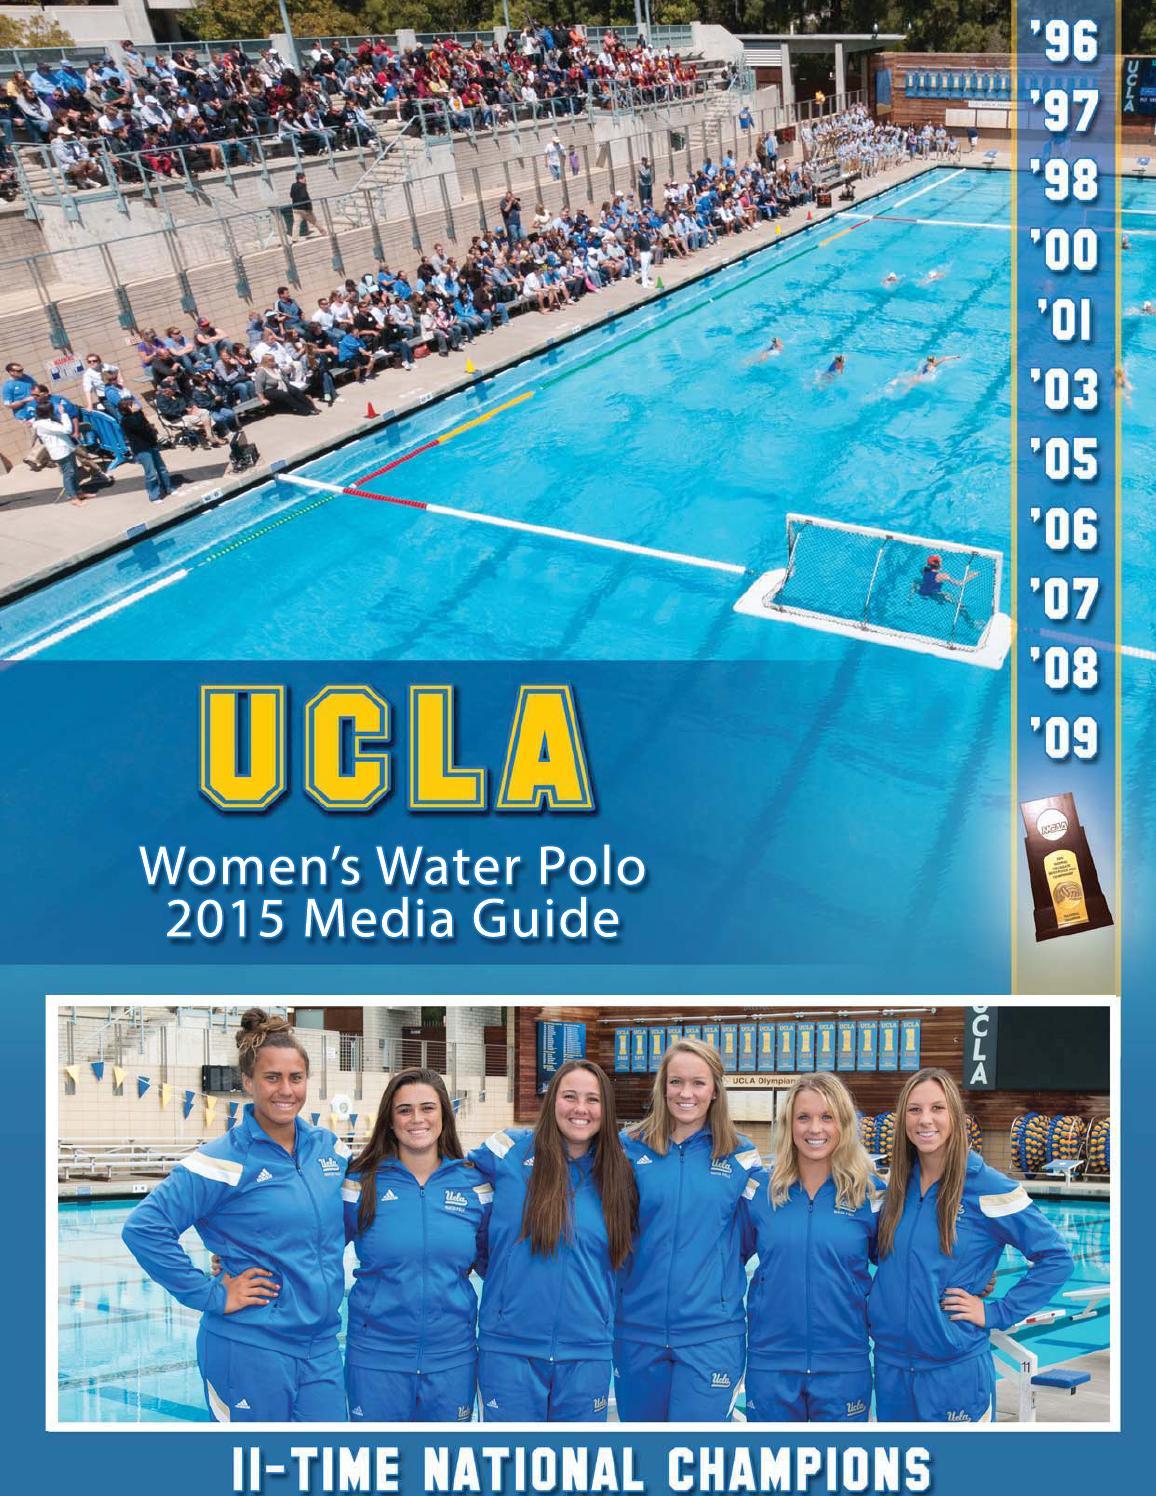 Will I get into USC, UCLA, UCD, UCSC, UCI, UCSD, Santa Clara University, USF, and Loyola Marymount?